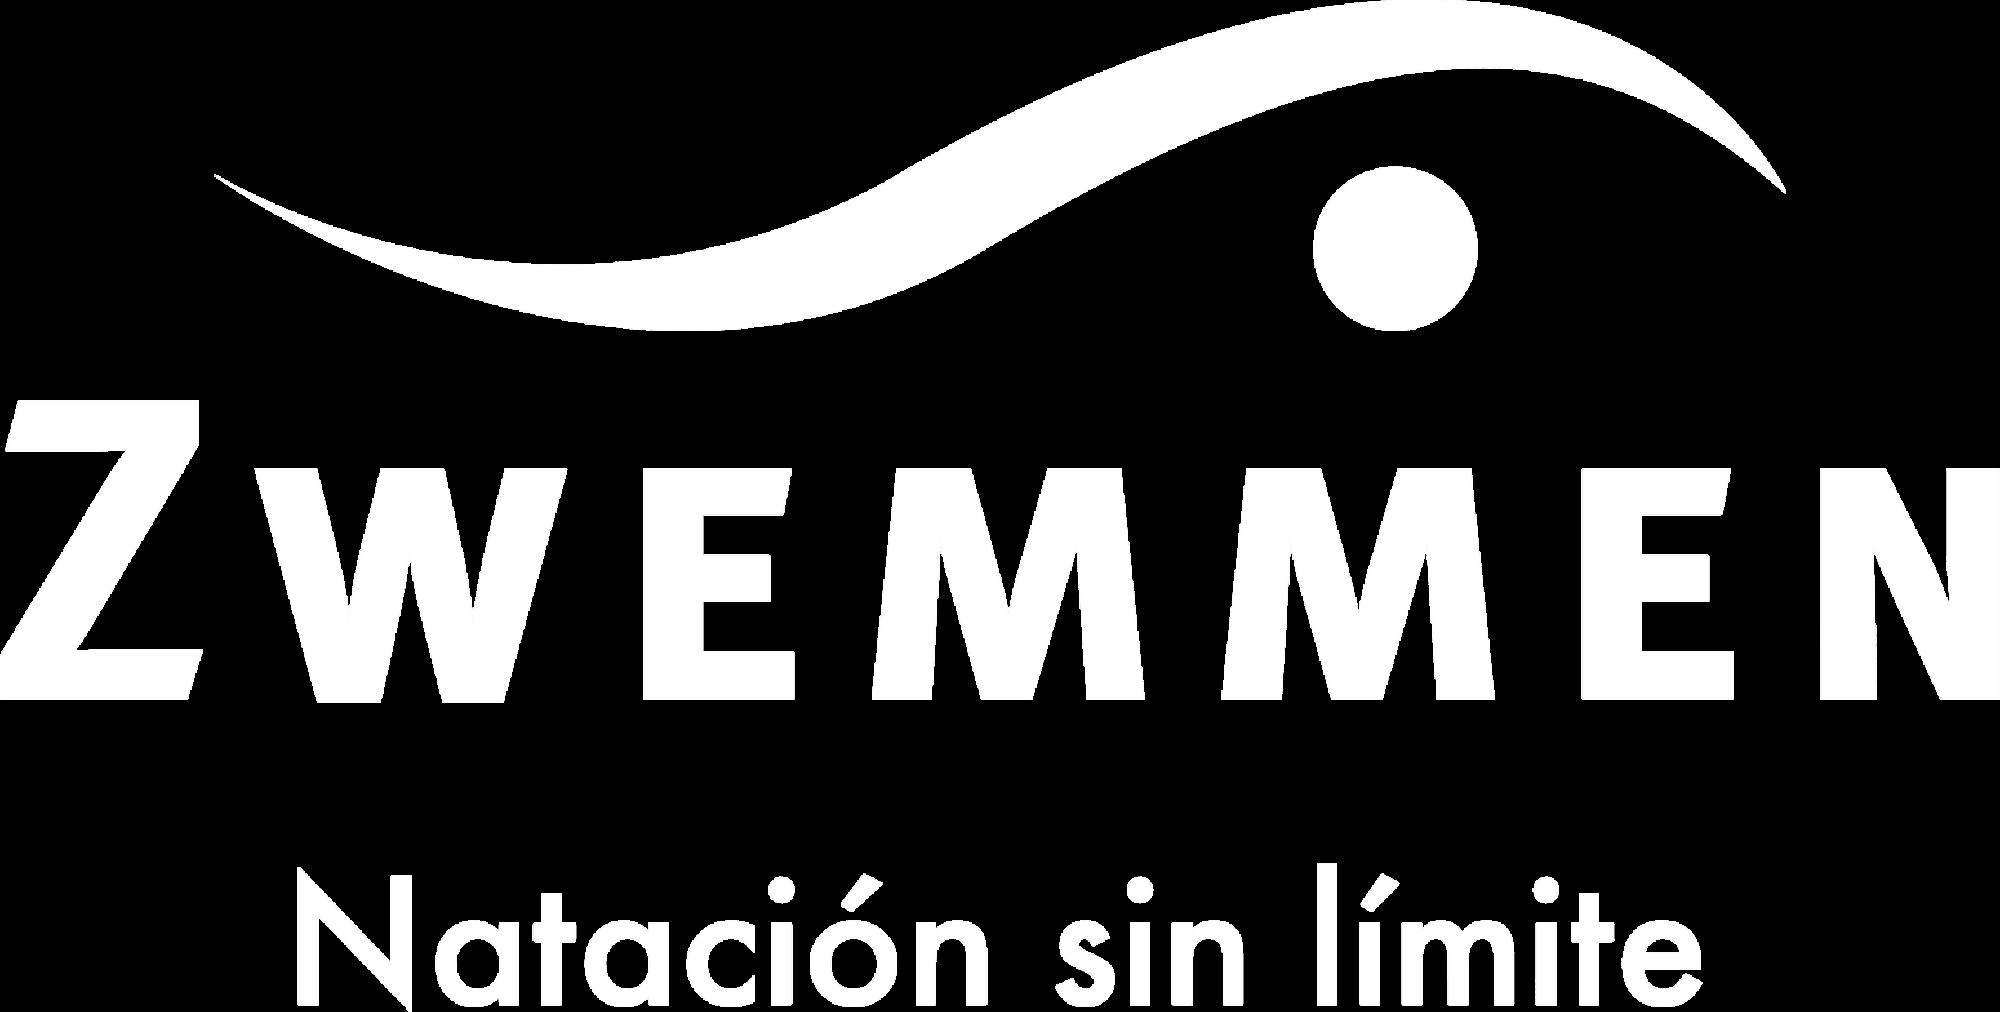 Zwemmen - Natación sin límite